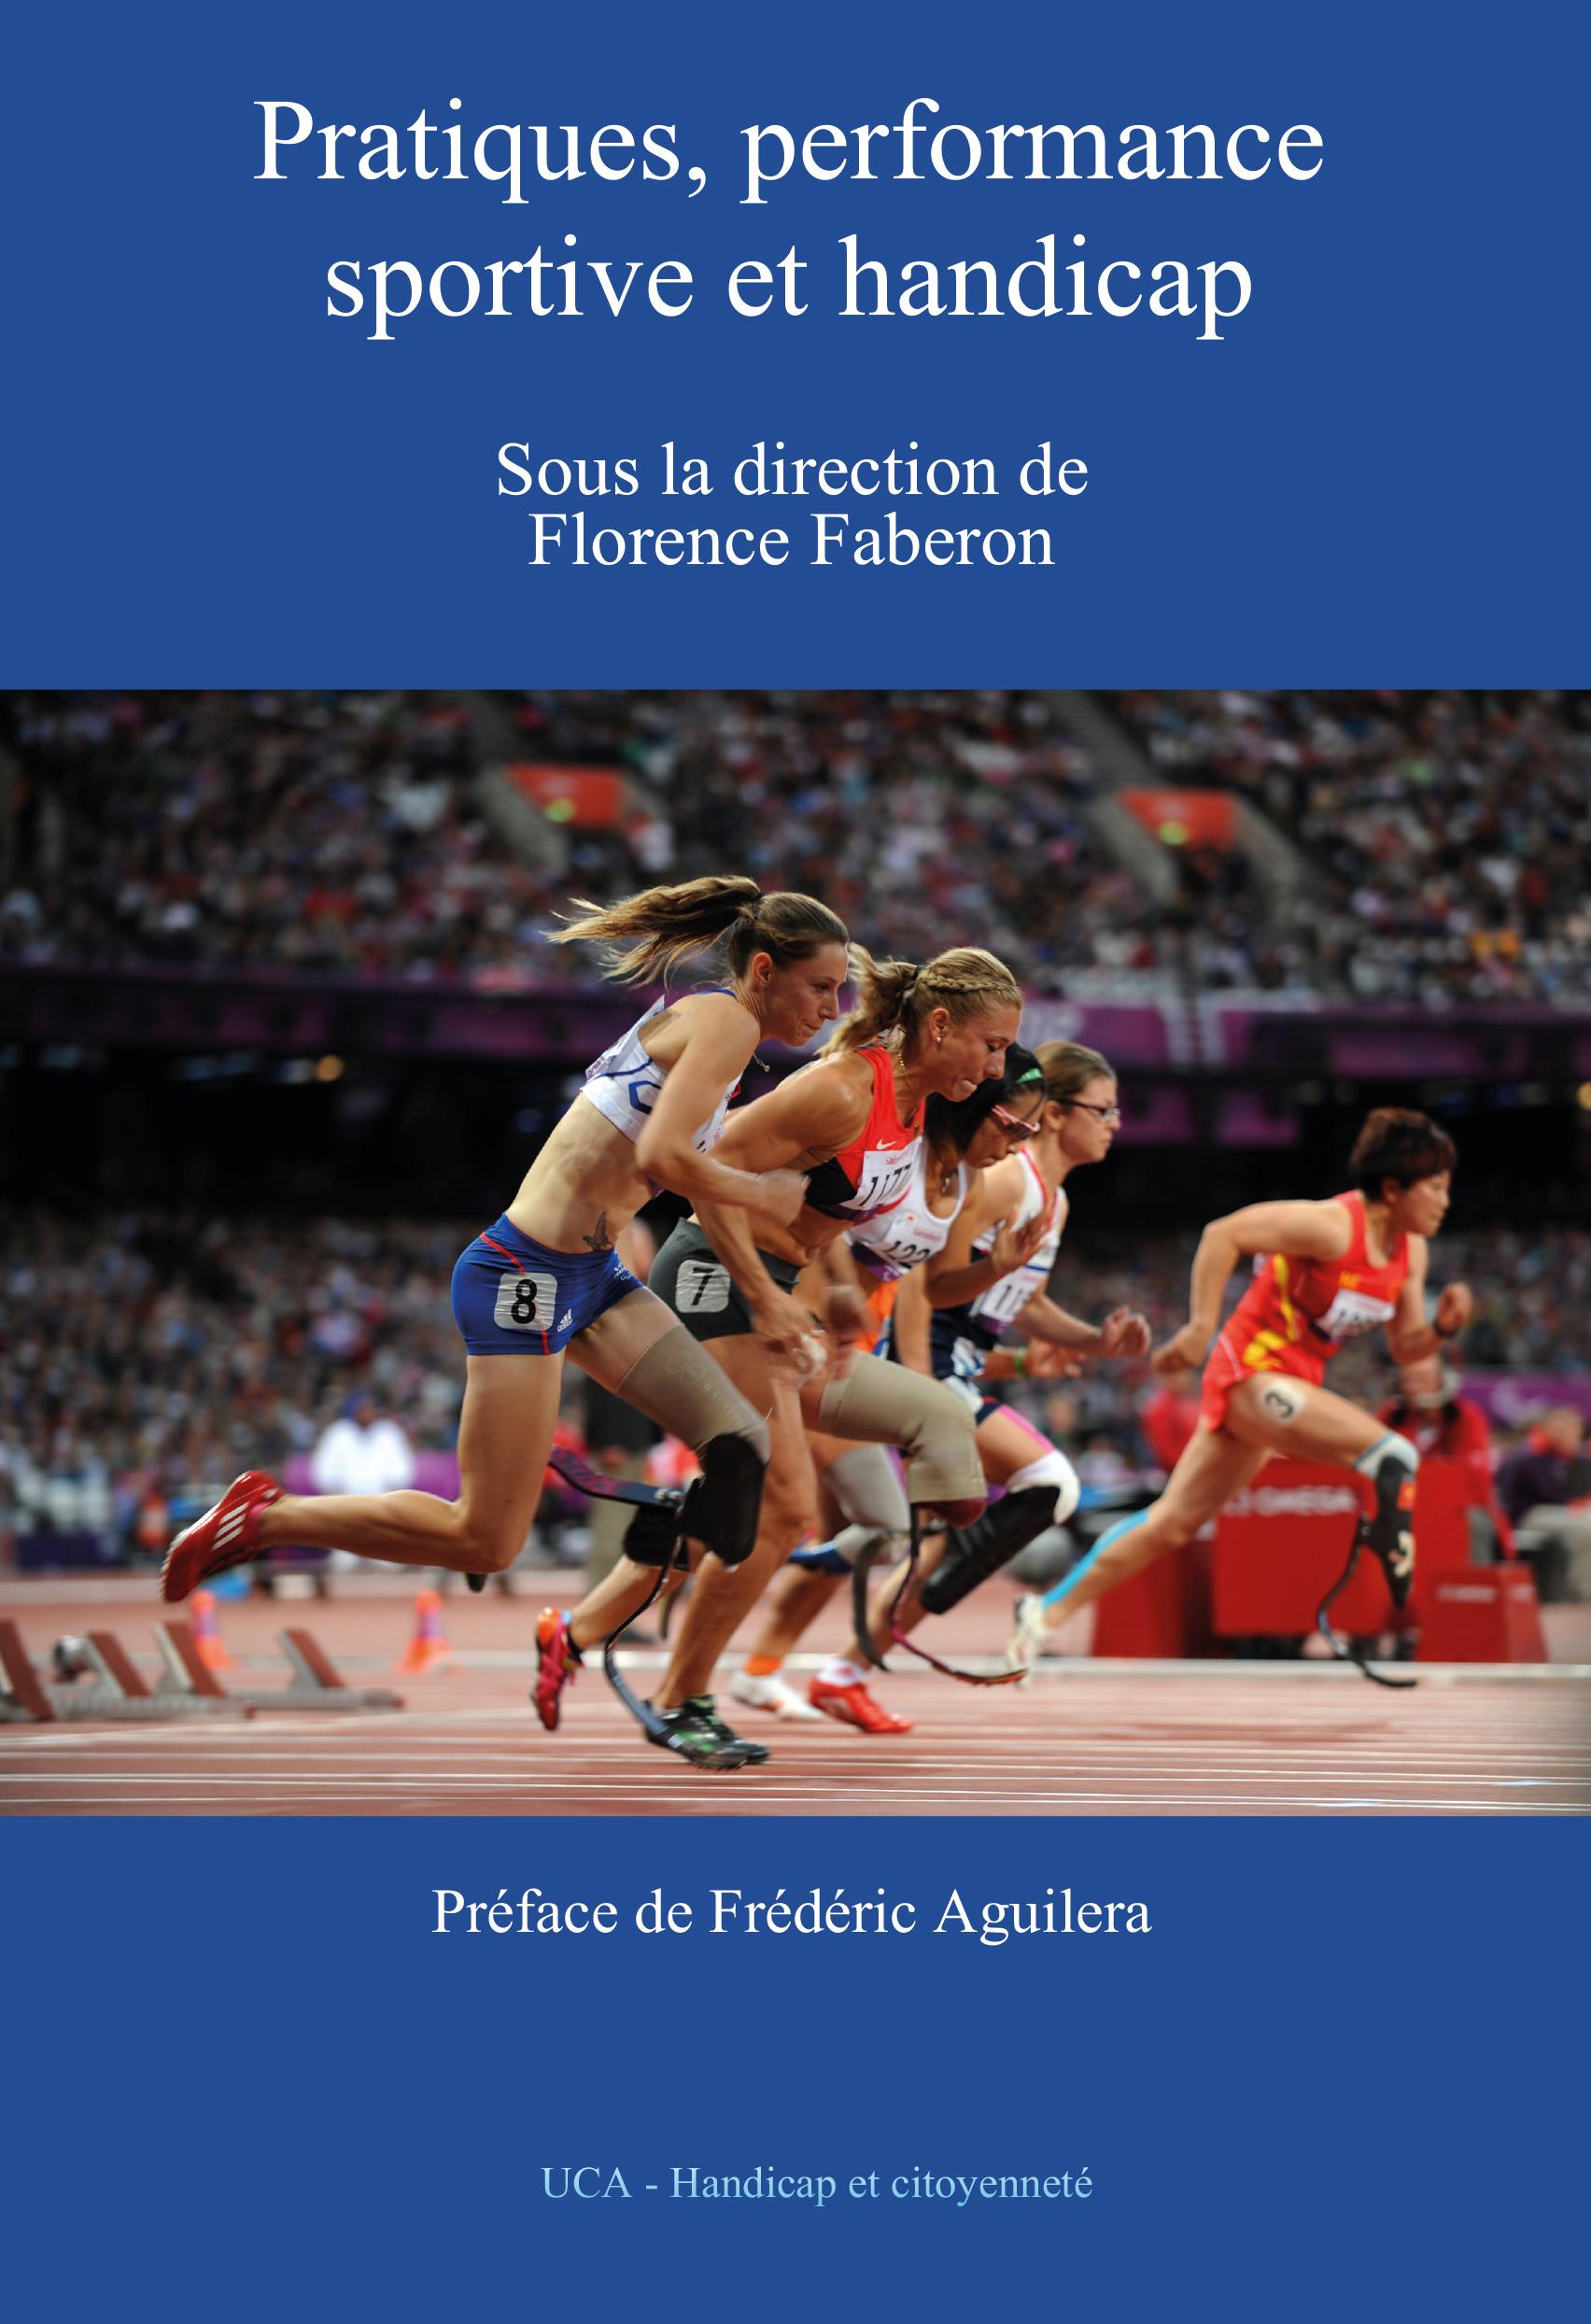 Pratiques, performance sportive et handicap